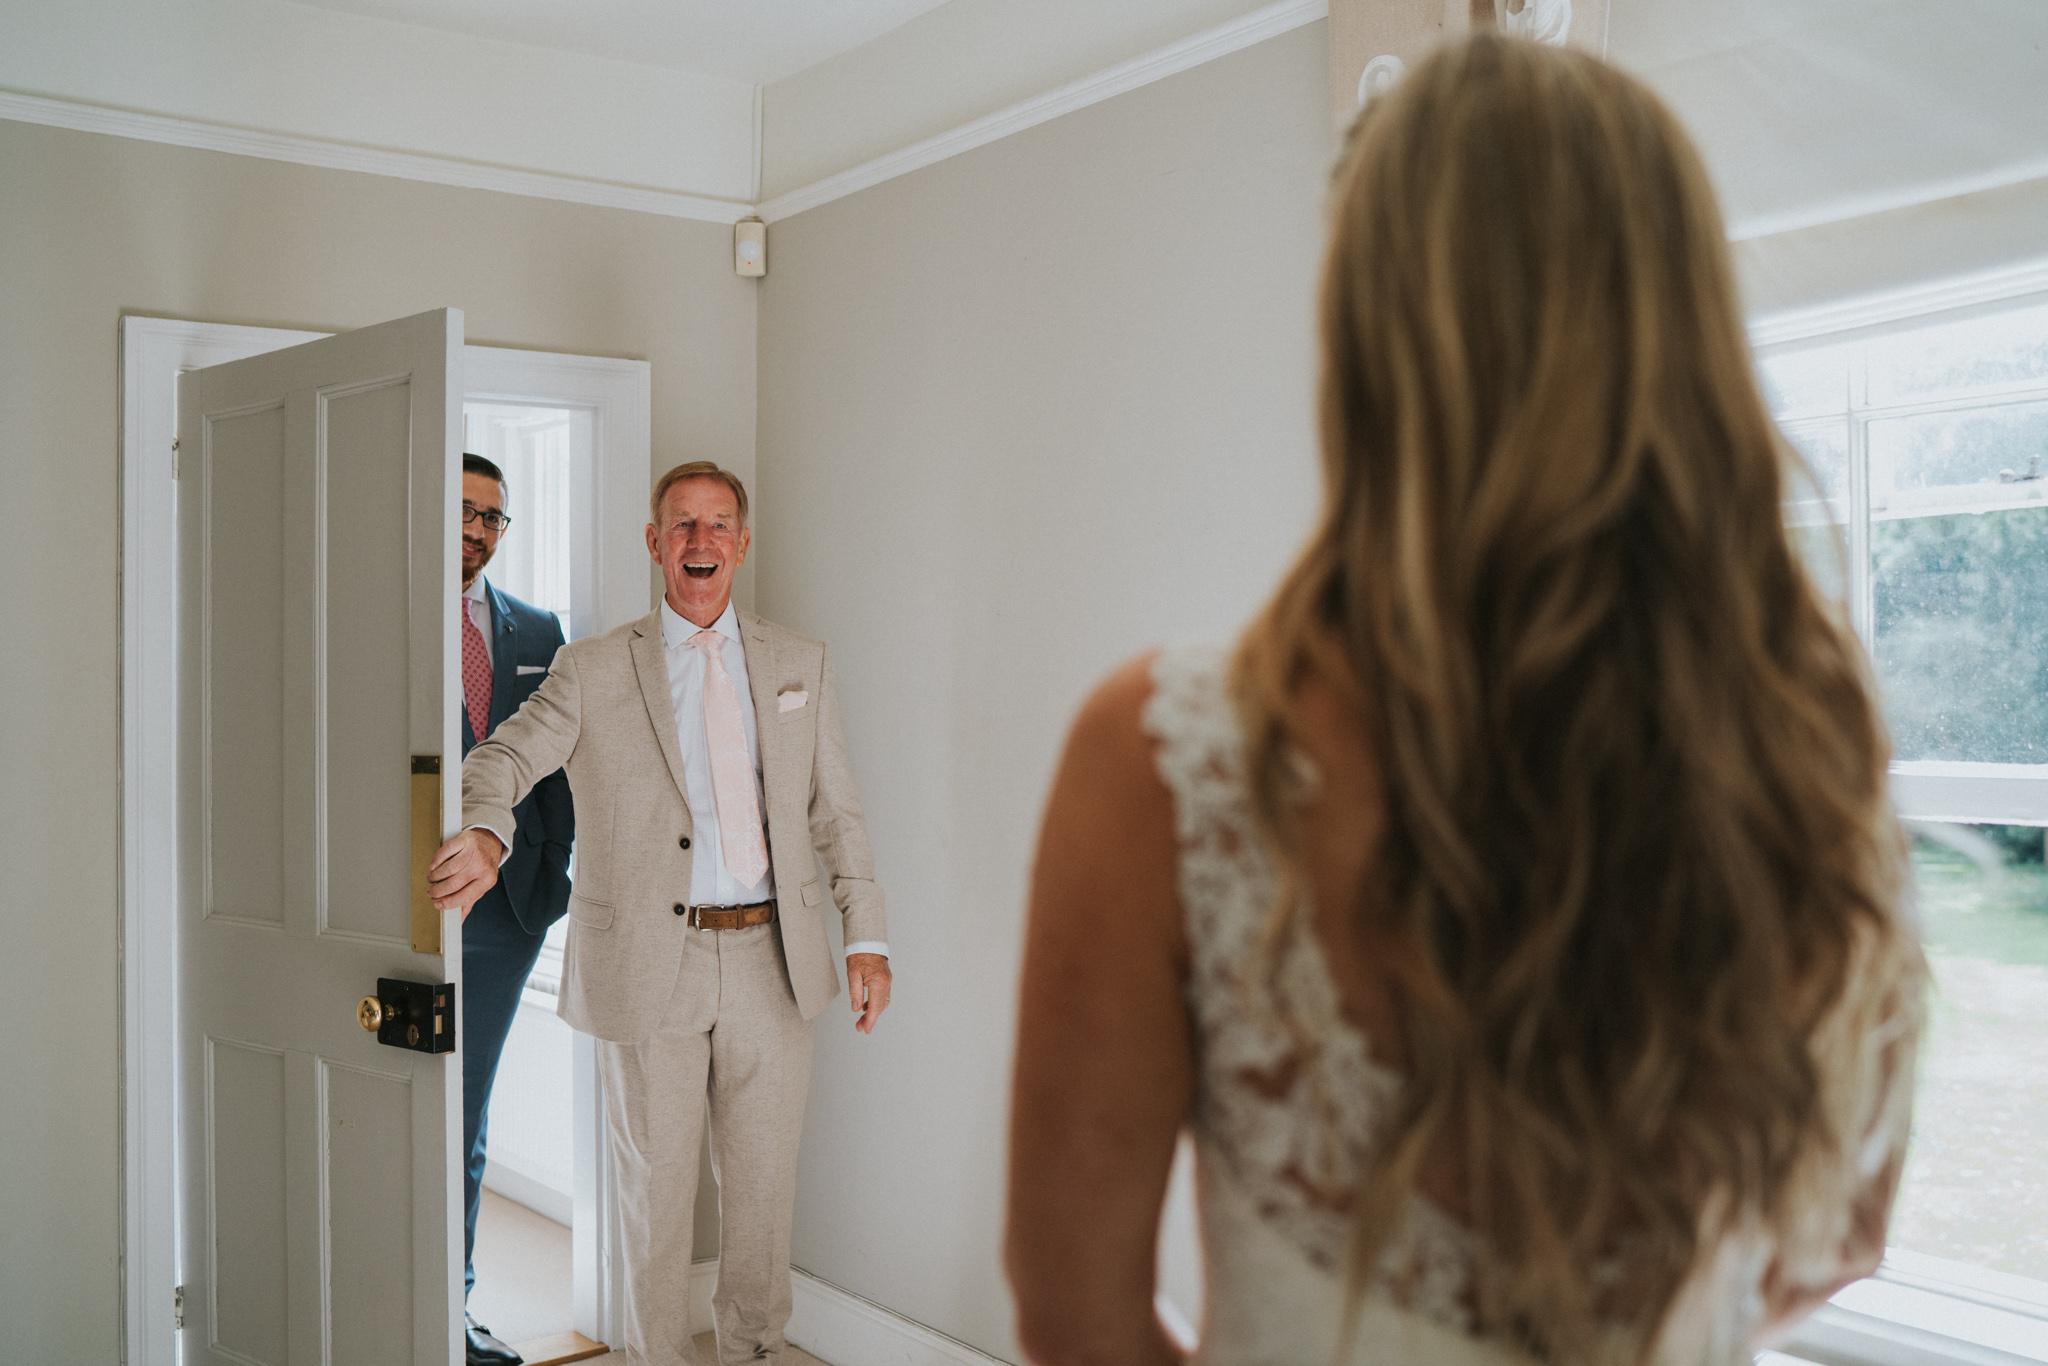 karen-tony-blackthorpe-barn-diy-wedding-grace-elizabeth-colchester-essex-alternative-wedding-lifestyle-photographer-essex-suffolk-norfolk-devon (15 of 35).jpg